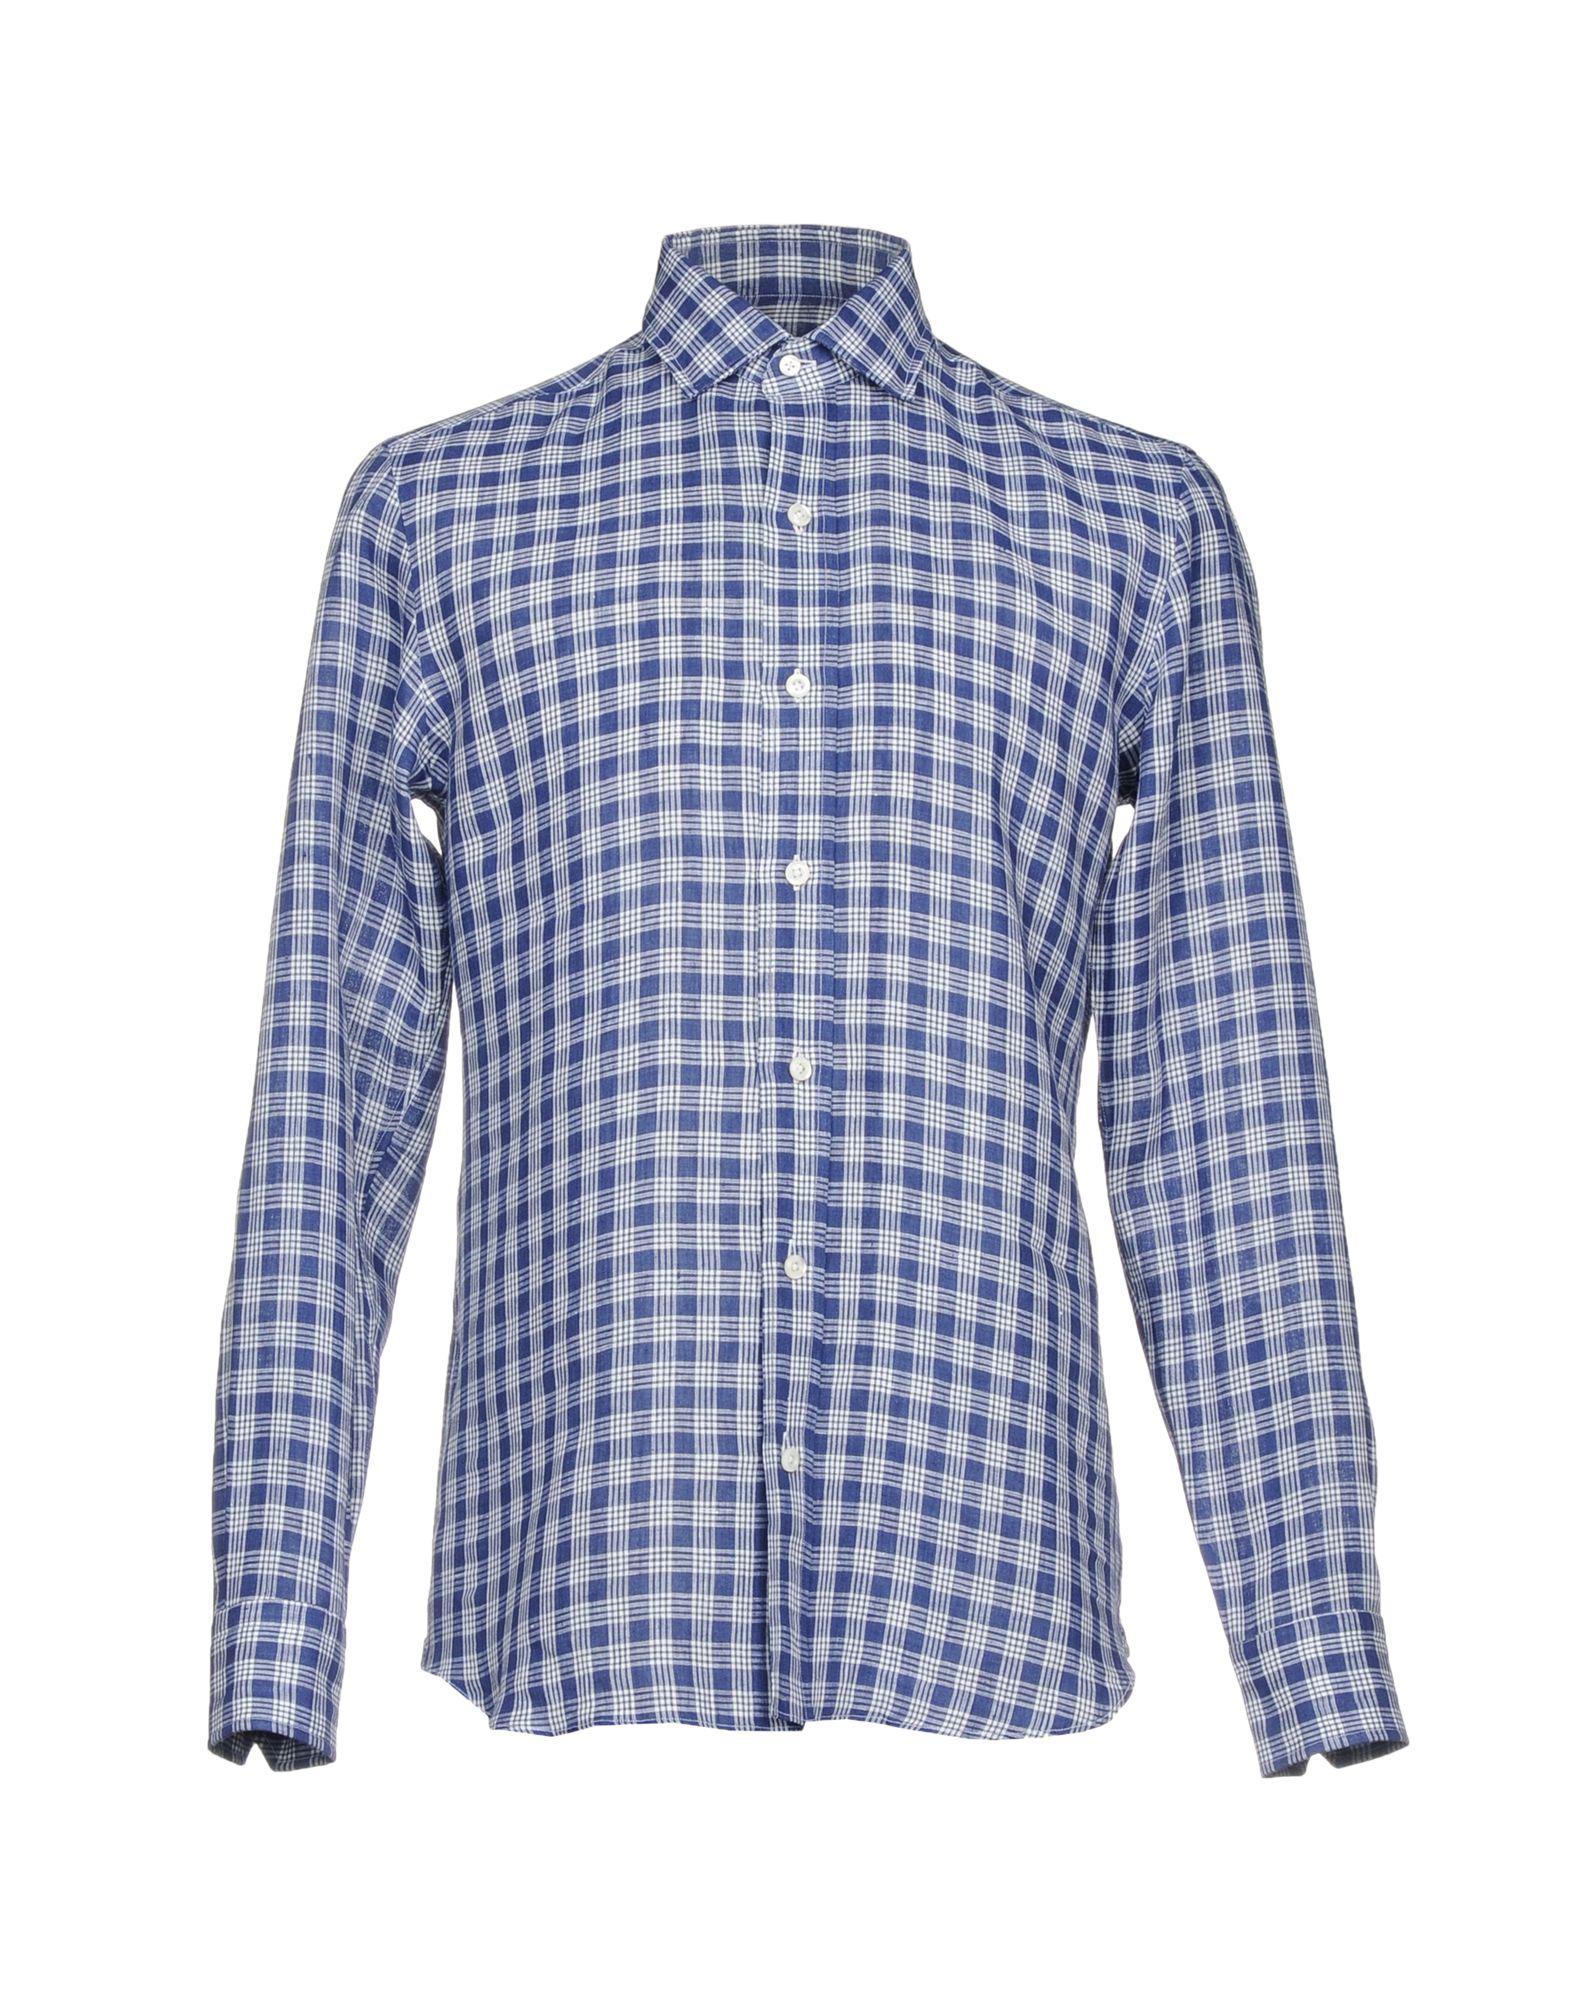 SALVATORE PICCOLO Herren Hemd Farbe Dunkelblau Größe 9